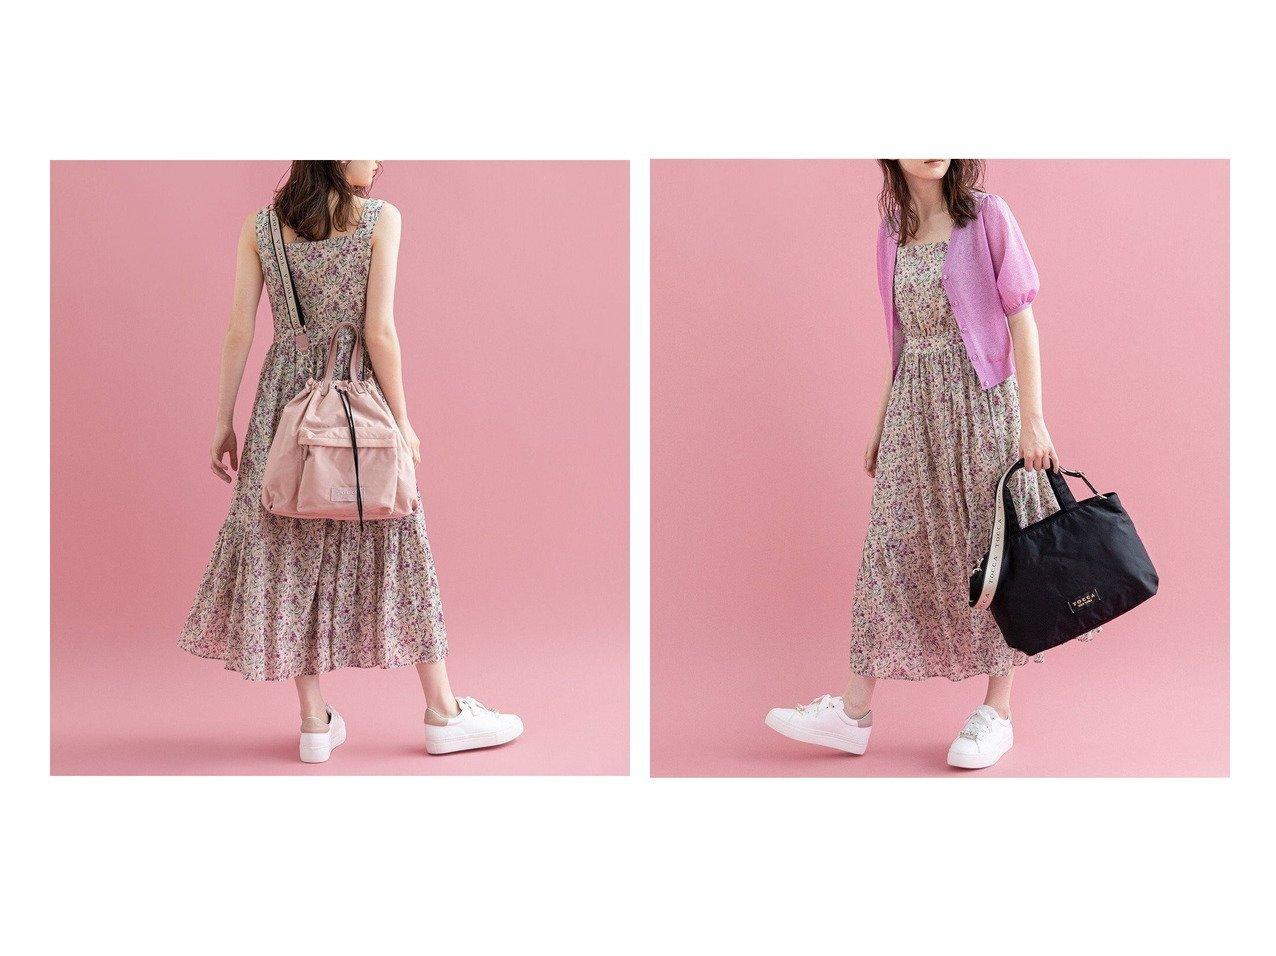 【TOCCA/トッカ】のCIELO 2WAY TOTE トートバッグ&CIELO TOTE トートバッグ 【バッグ・鞄】おすすめ!人気、トレンド・レディースファッションの通販 おすすめで人気の流行・トレンド、ファッションの通販商品 インテリア・家具・メンズファッション・キッズファッション・レディースファッション・服の通販 founy(ファニー) https://founy.com/ ファッション Fashion レディースファッション WOMEN バッグ Bag クラウン コレクション 軽量 シンプル 財布 フロント ポケット リラックス ワンポイント 送料無料 Free Shipping |ID:crp329100000049434